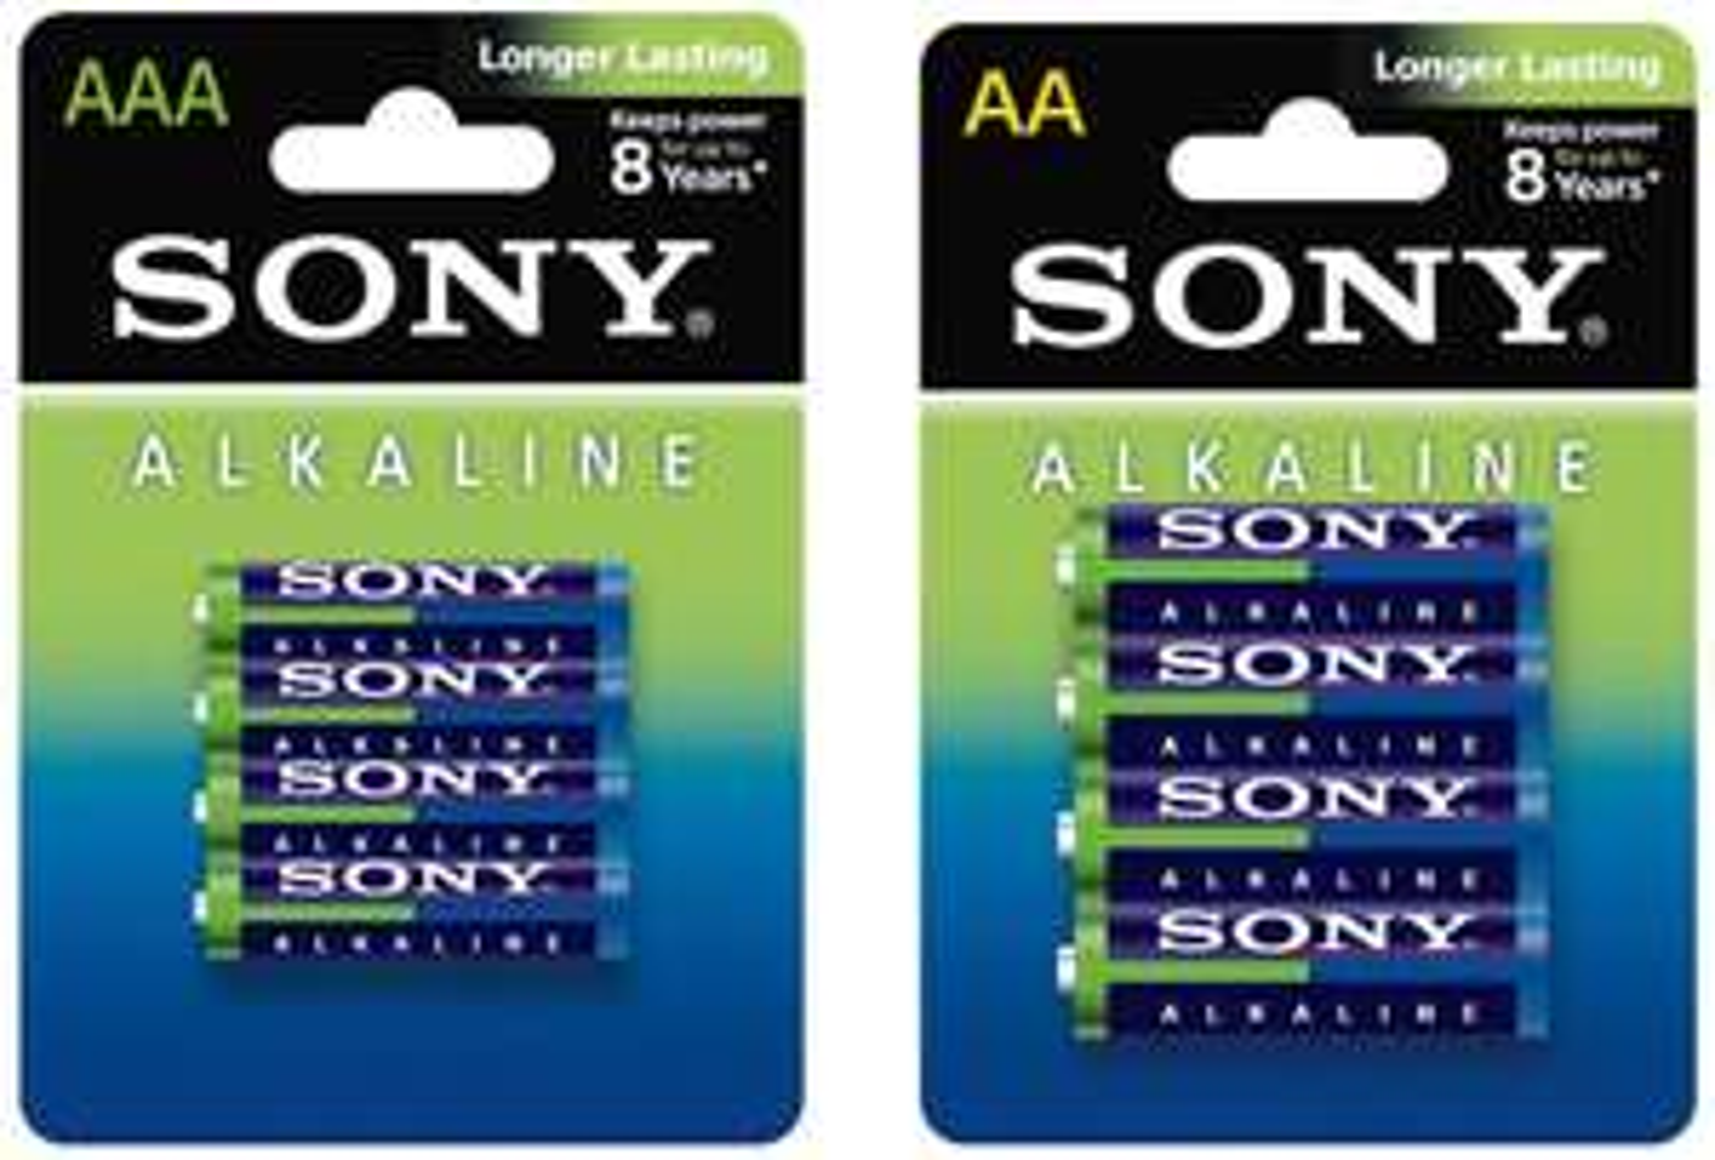 Pack de 60 piles alcalines Sony : 32 LR06 AA + 28 LR03 AAA